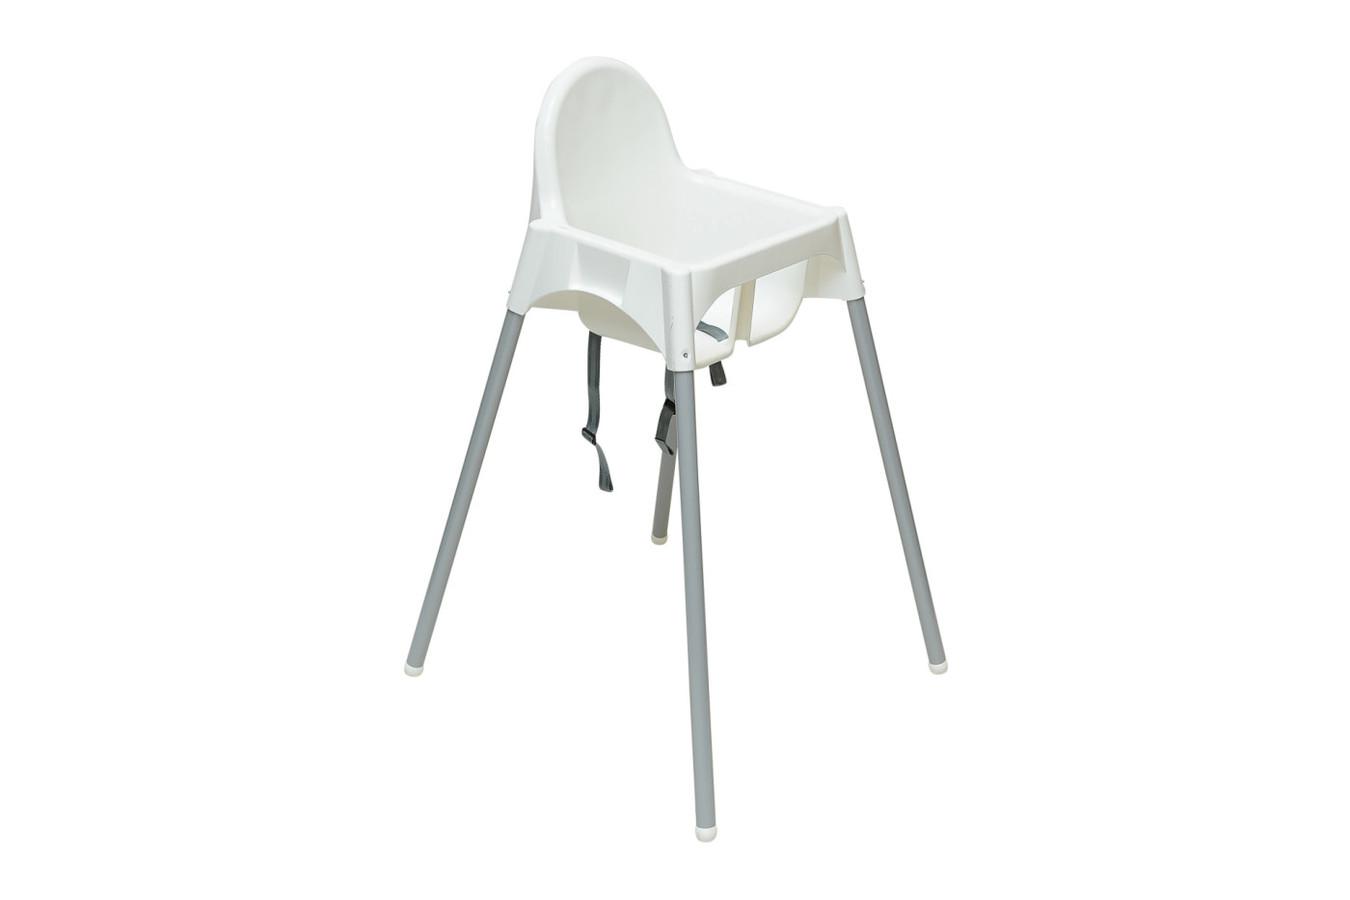 Zelfs Cristiano Ronaldo heeft deze Ikea stoel in z'n